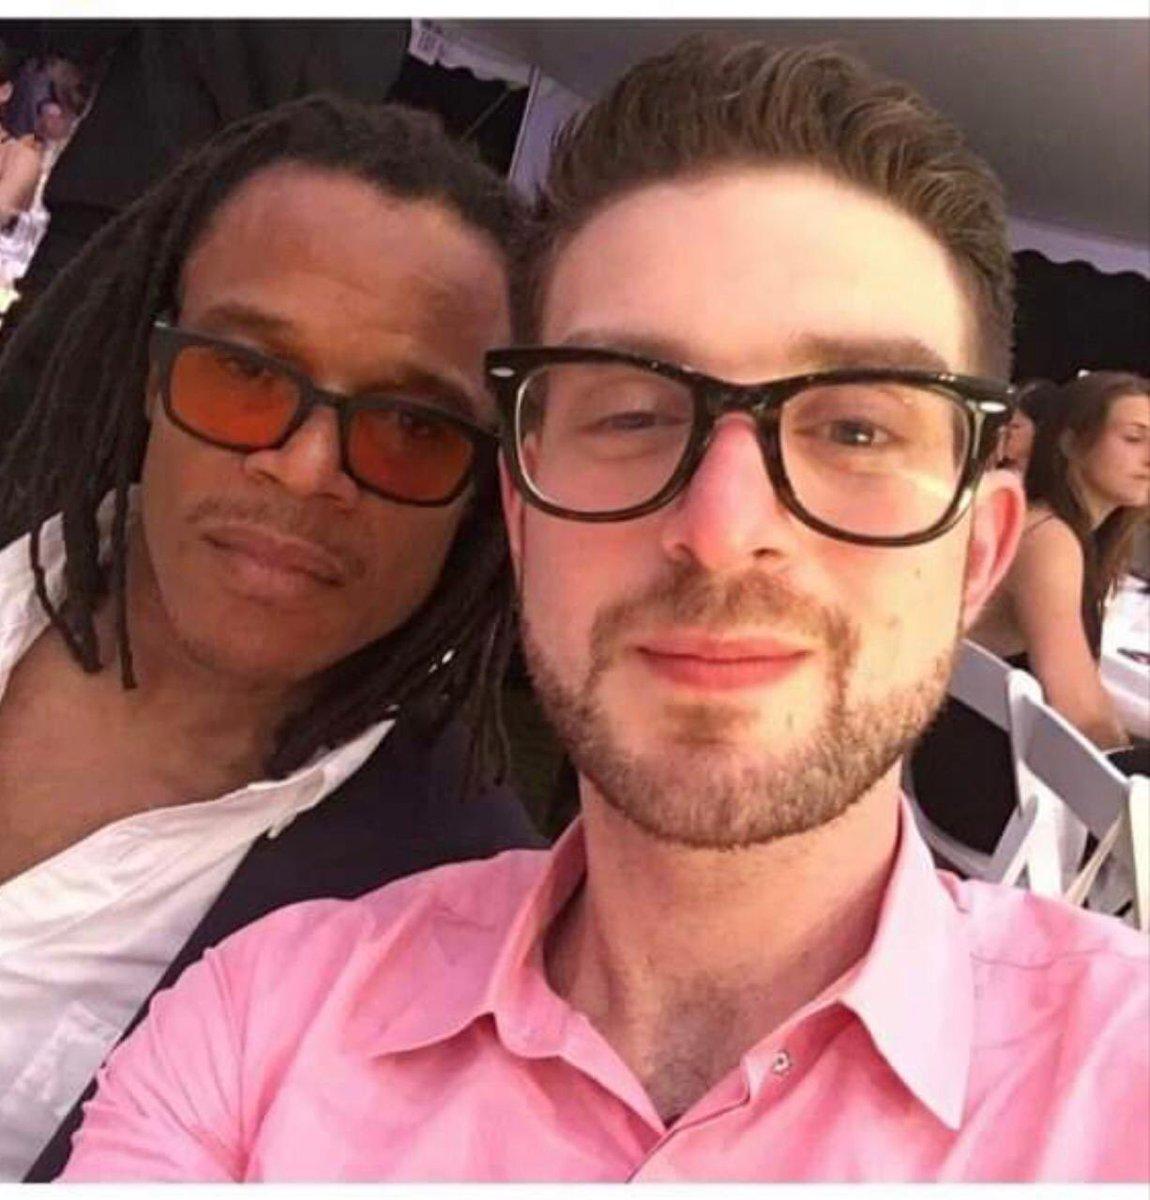 😳😳Kabinet wil dat E Davids (zie foto naast zoon Sorros) het debat doet tegen rasisme. Dus Sorros heeft nu ook de leiding over Nederland betreft dit onderwerp met medewerkers in regering.of denk ik verkeerd? https://t.co/WXB0s31n9B